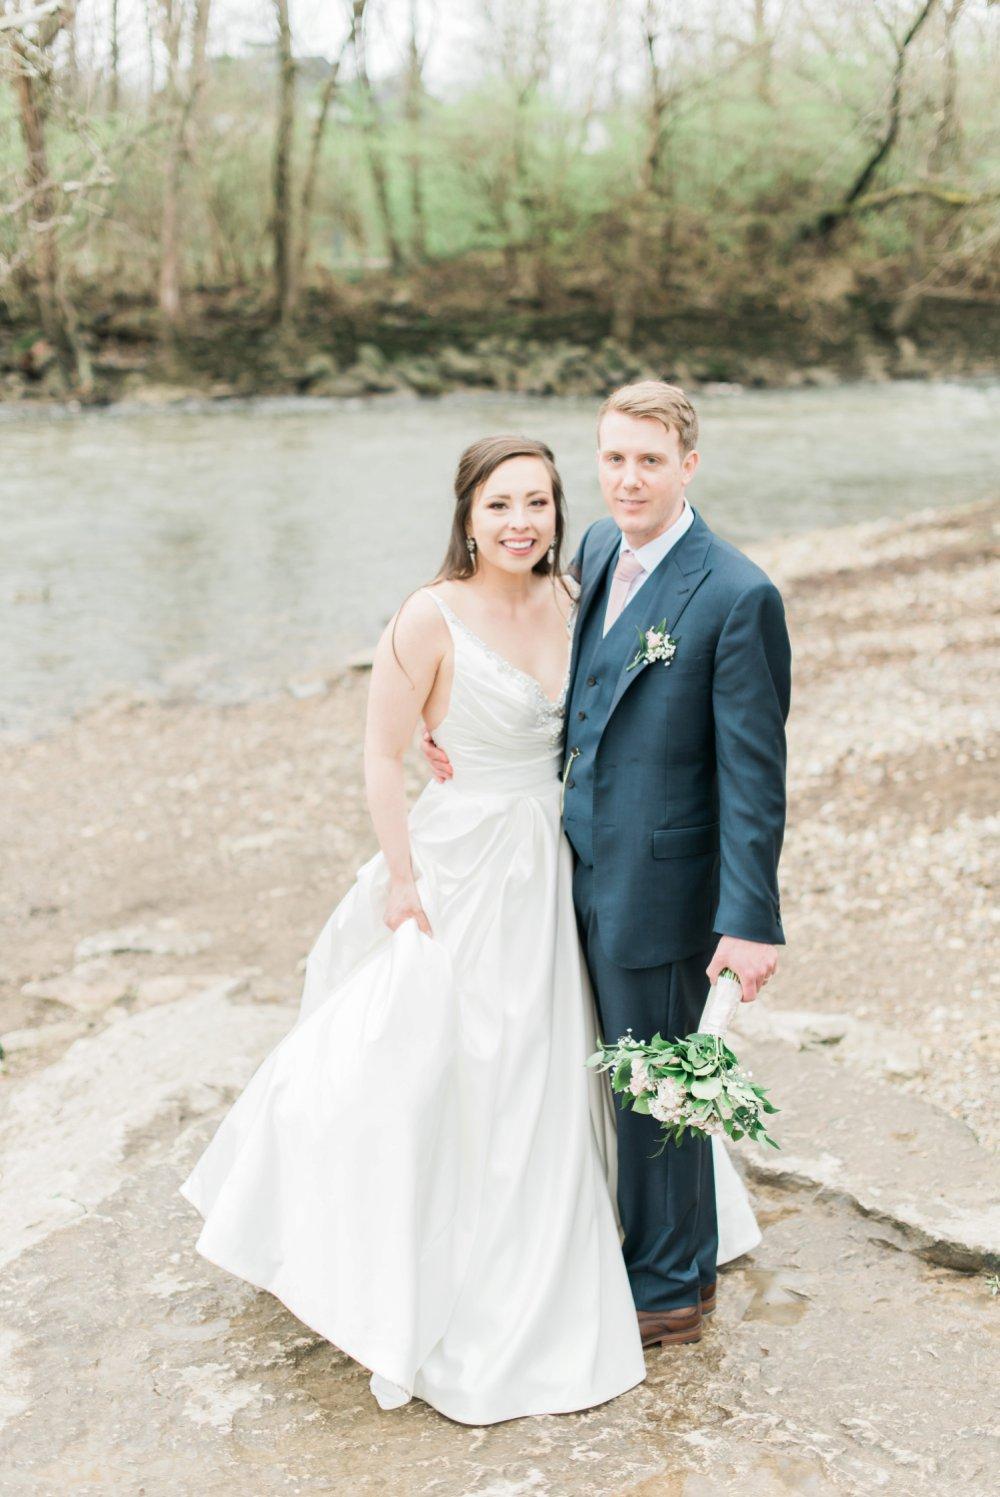 creekside-gahanna-ohio-wedding-kristin-joe_0072.jpg